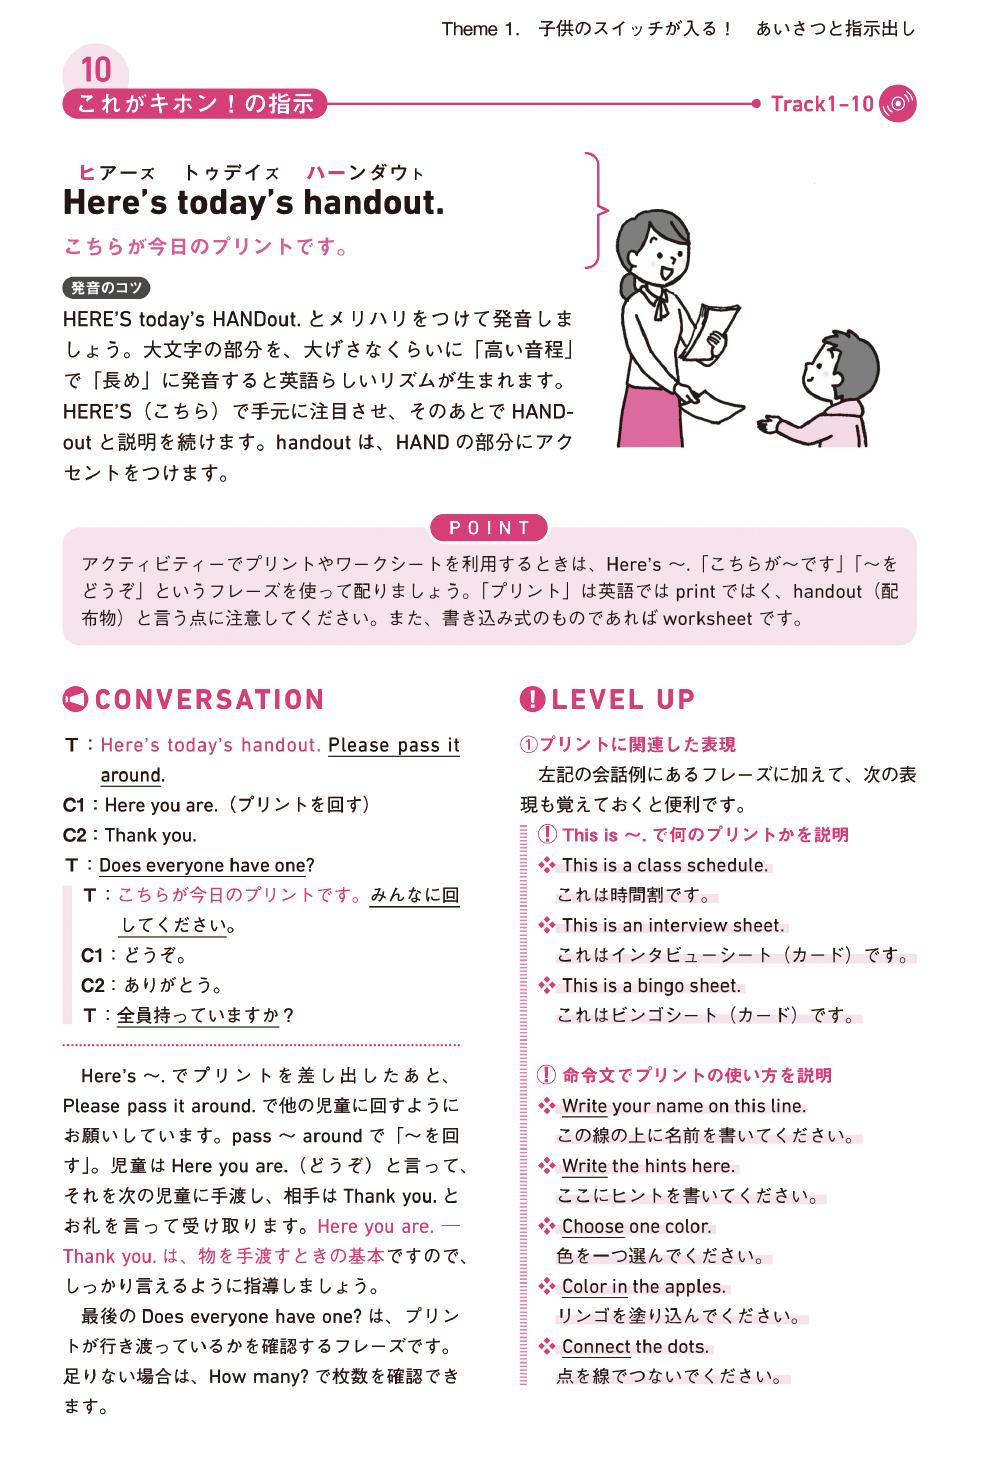 『その「ひとこと」が言いたかった! 小学校の先生のためのClassroom English』の紙面見本。カタカナで示した発音のポイントや、すぐに使える会話例など、とにかくわかりやすく便利